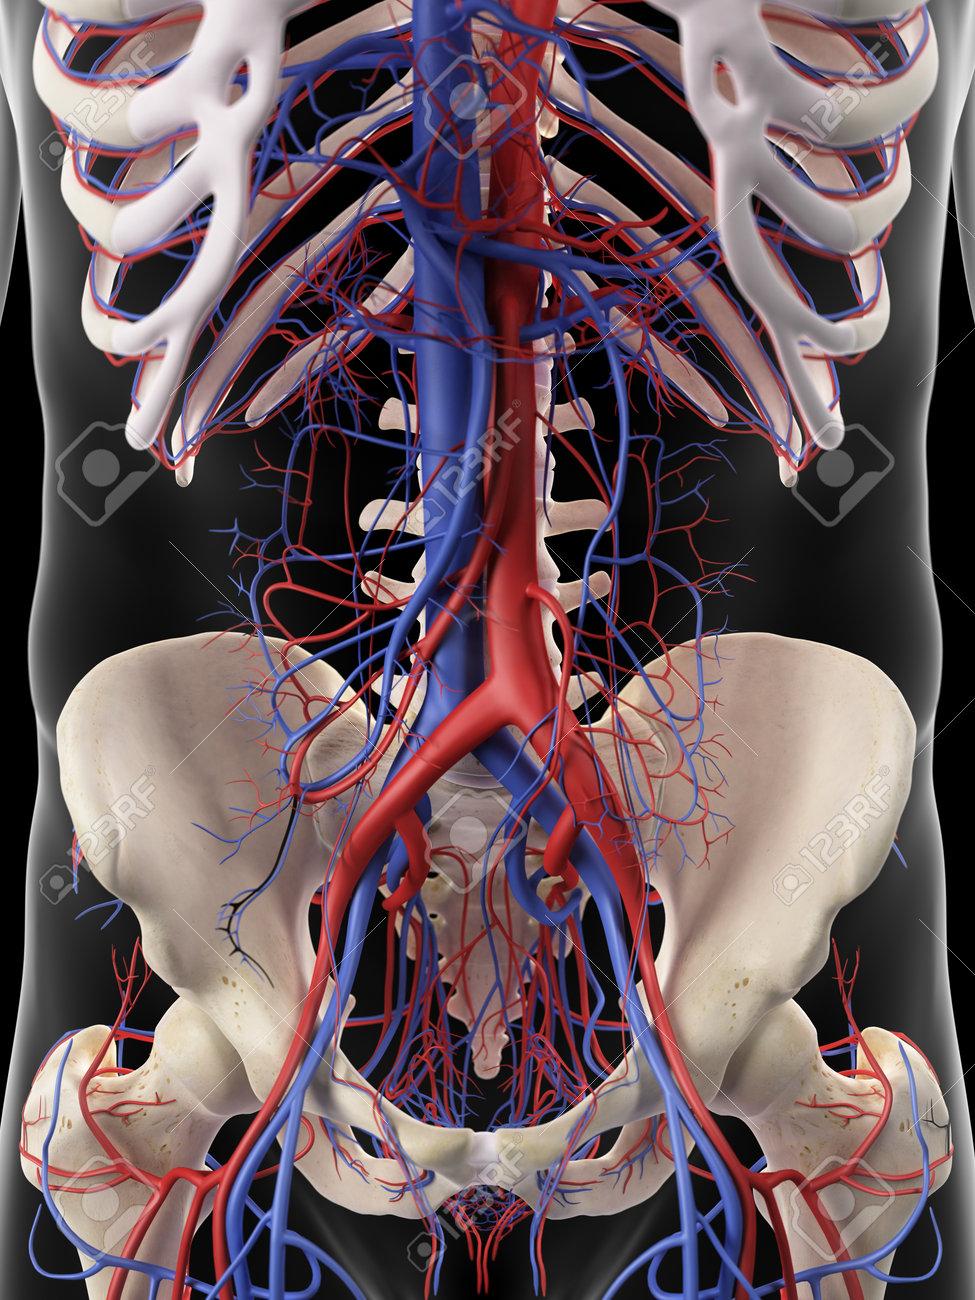 Ilustración Médica Precisa De Las Arterias Y Venas Abdominales Fotos ...